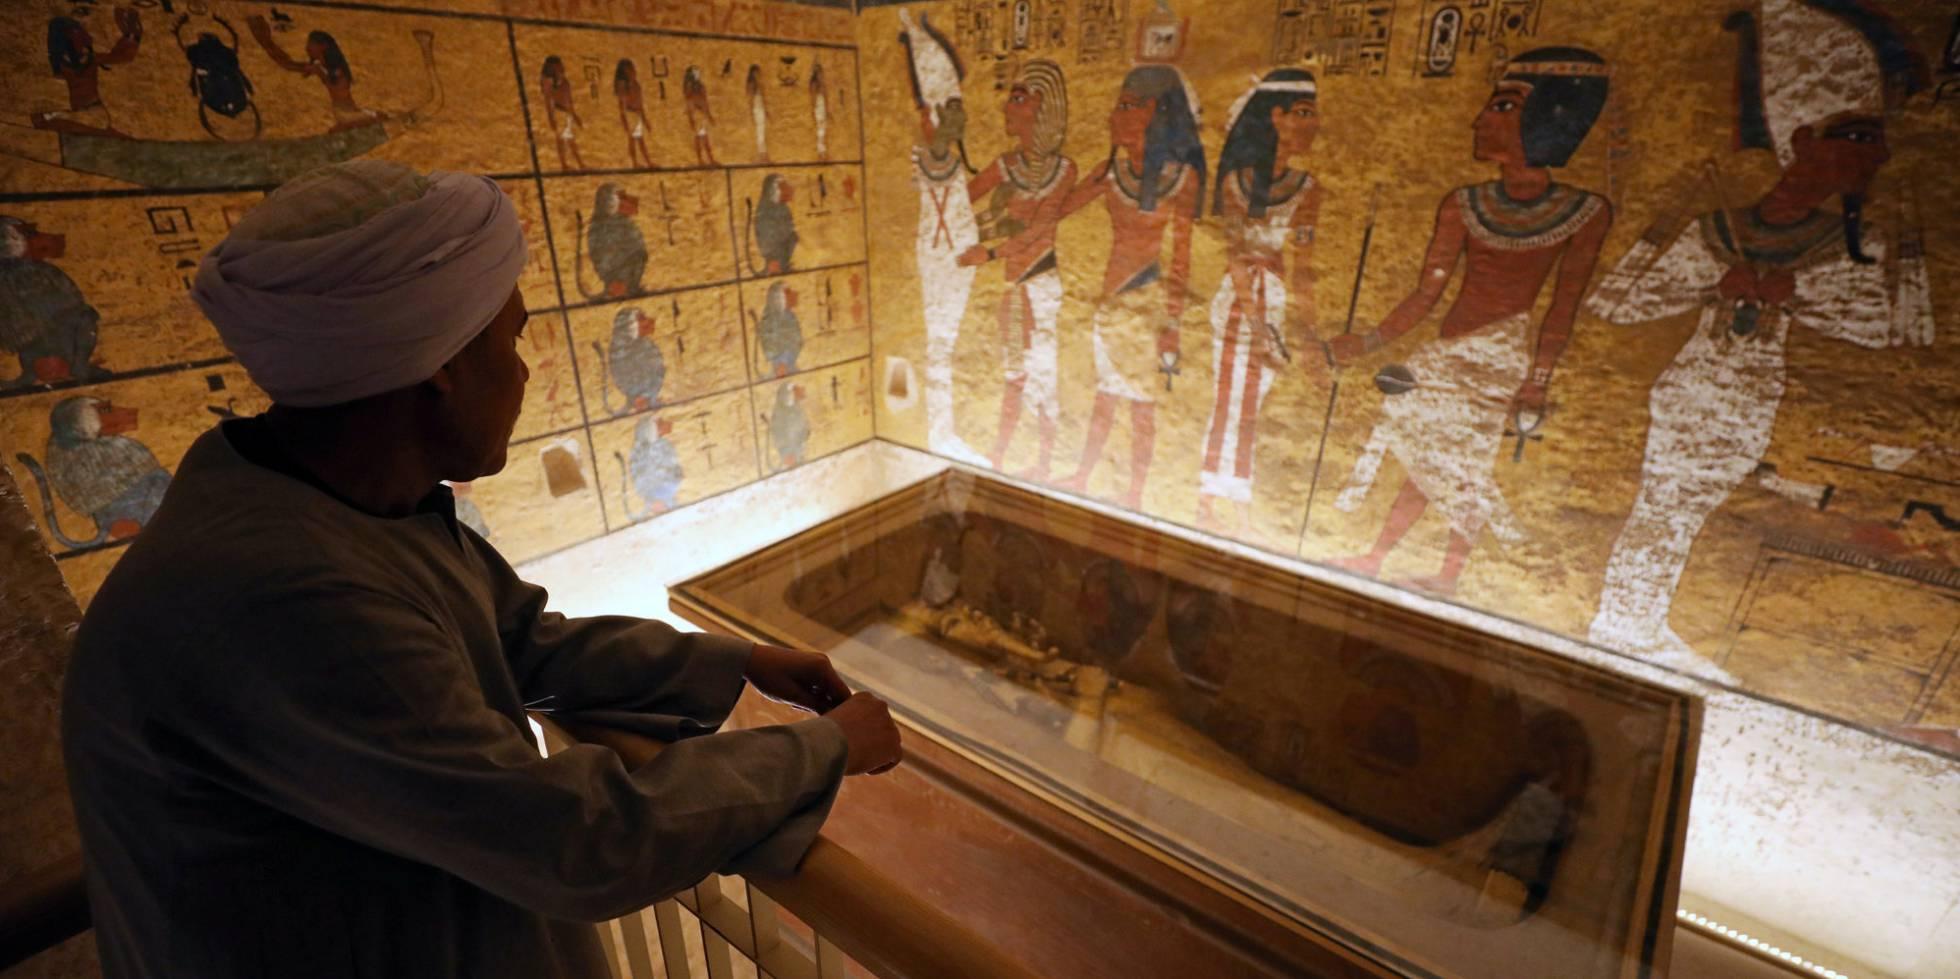 Fotos O Declinio Do Farao El Pais